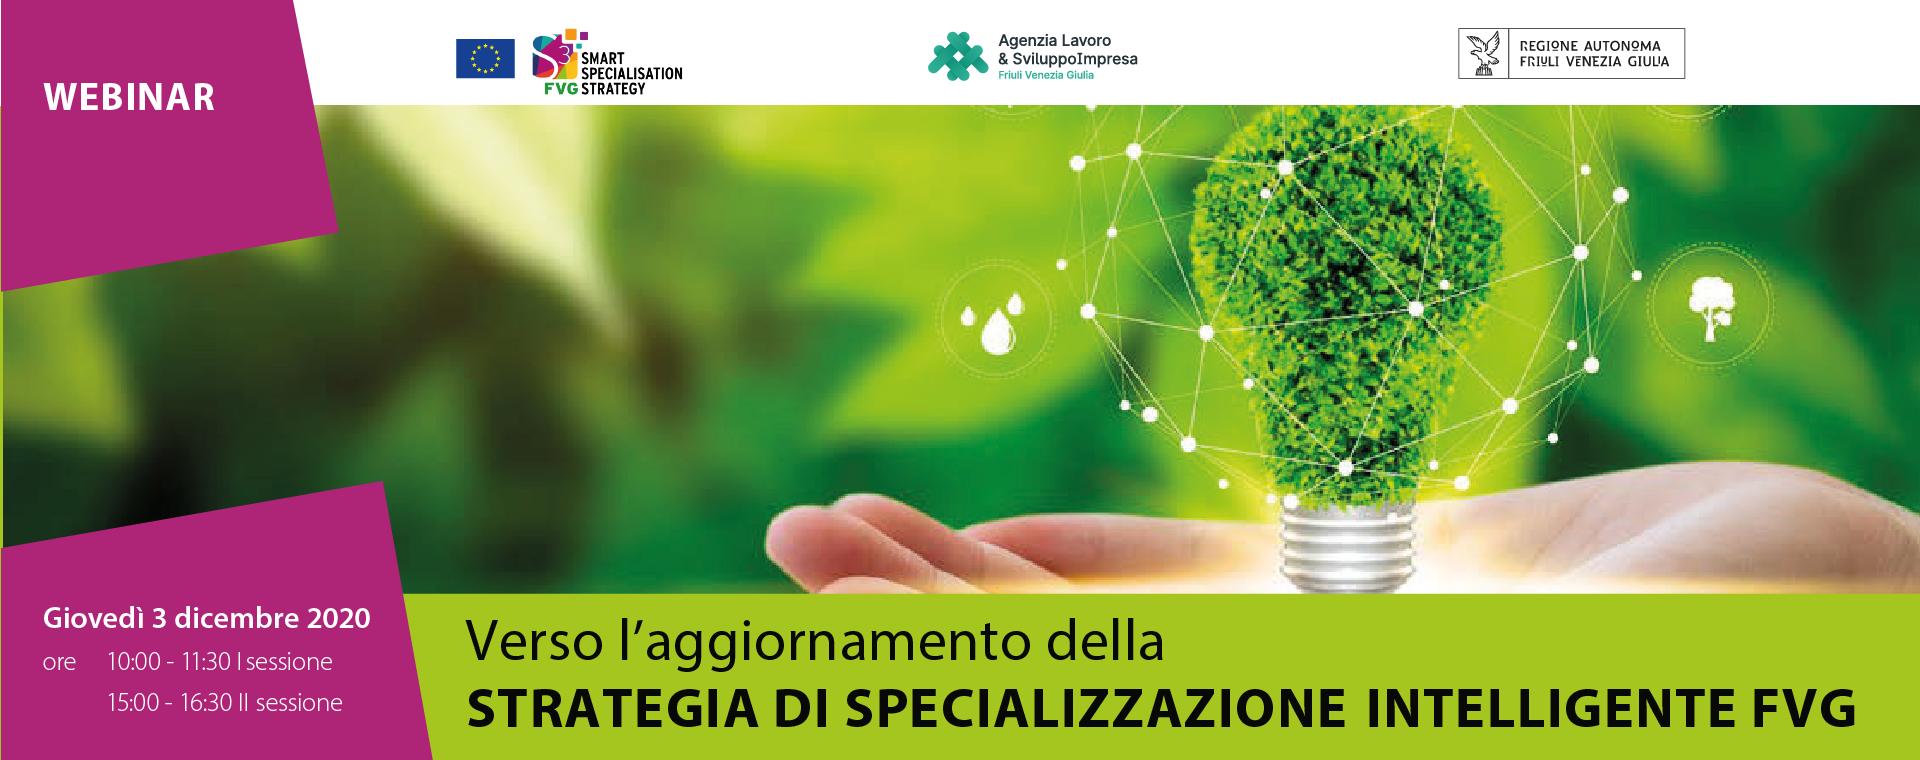 Aggiornamento sulla Strategia di specializzazione intelligente FVG